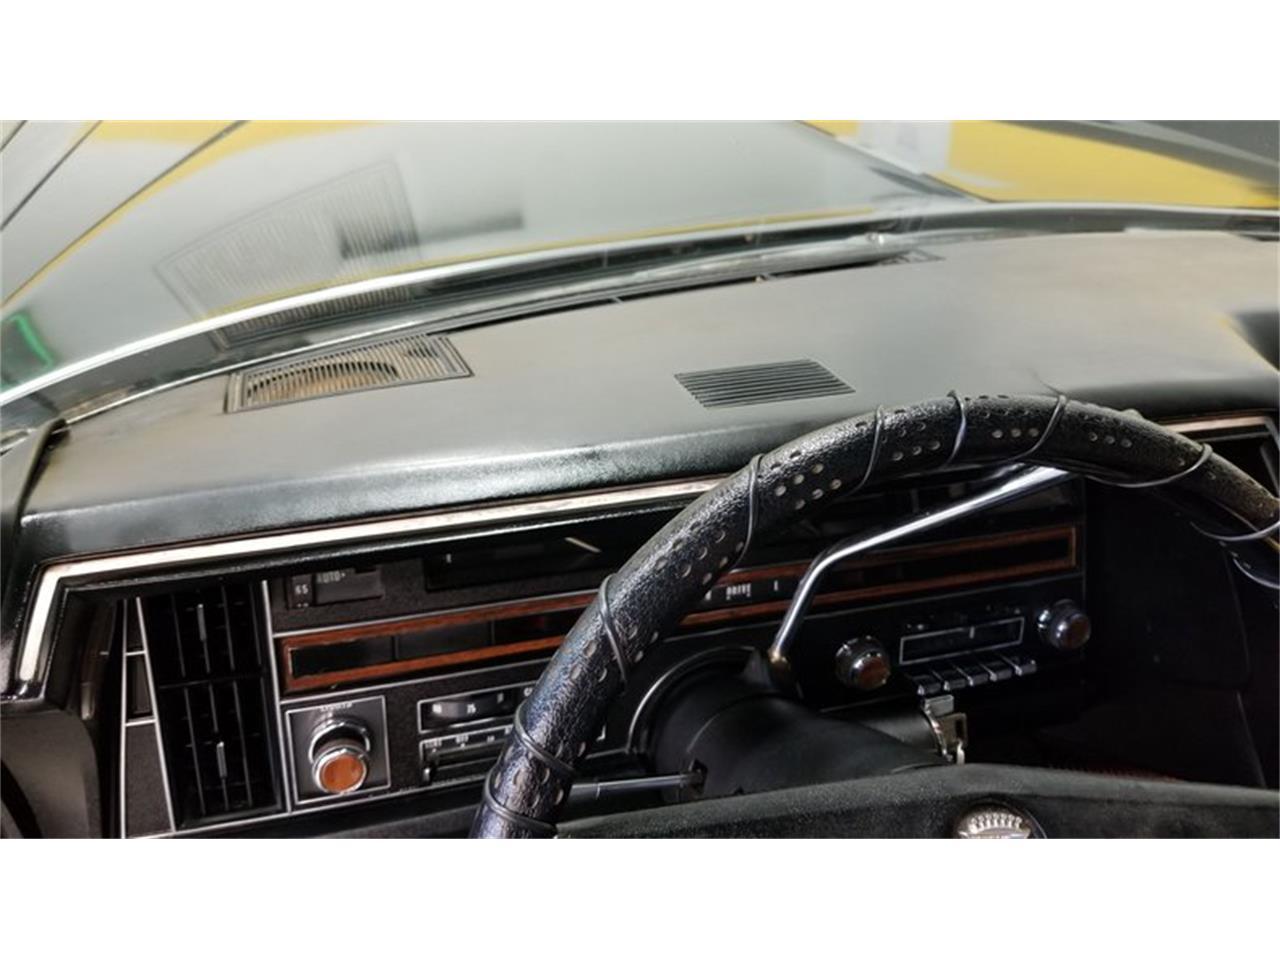 1969 Cadillac Coupe (CC-1419296) for sale in Mankato, Minnesota